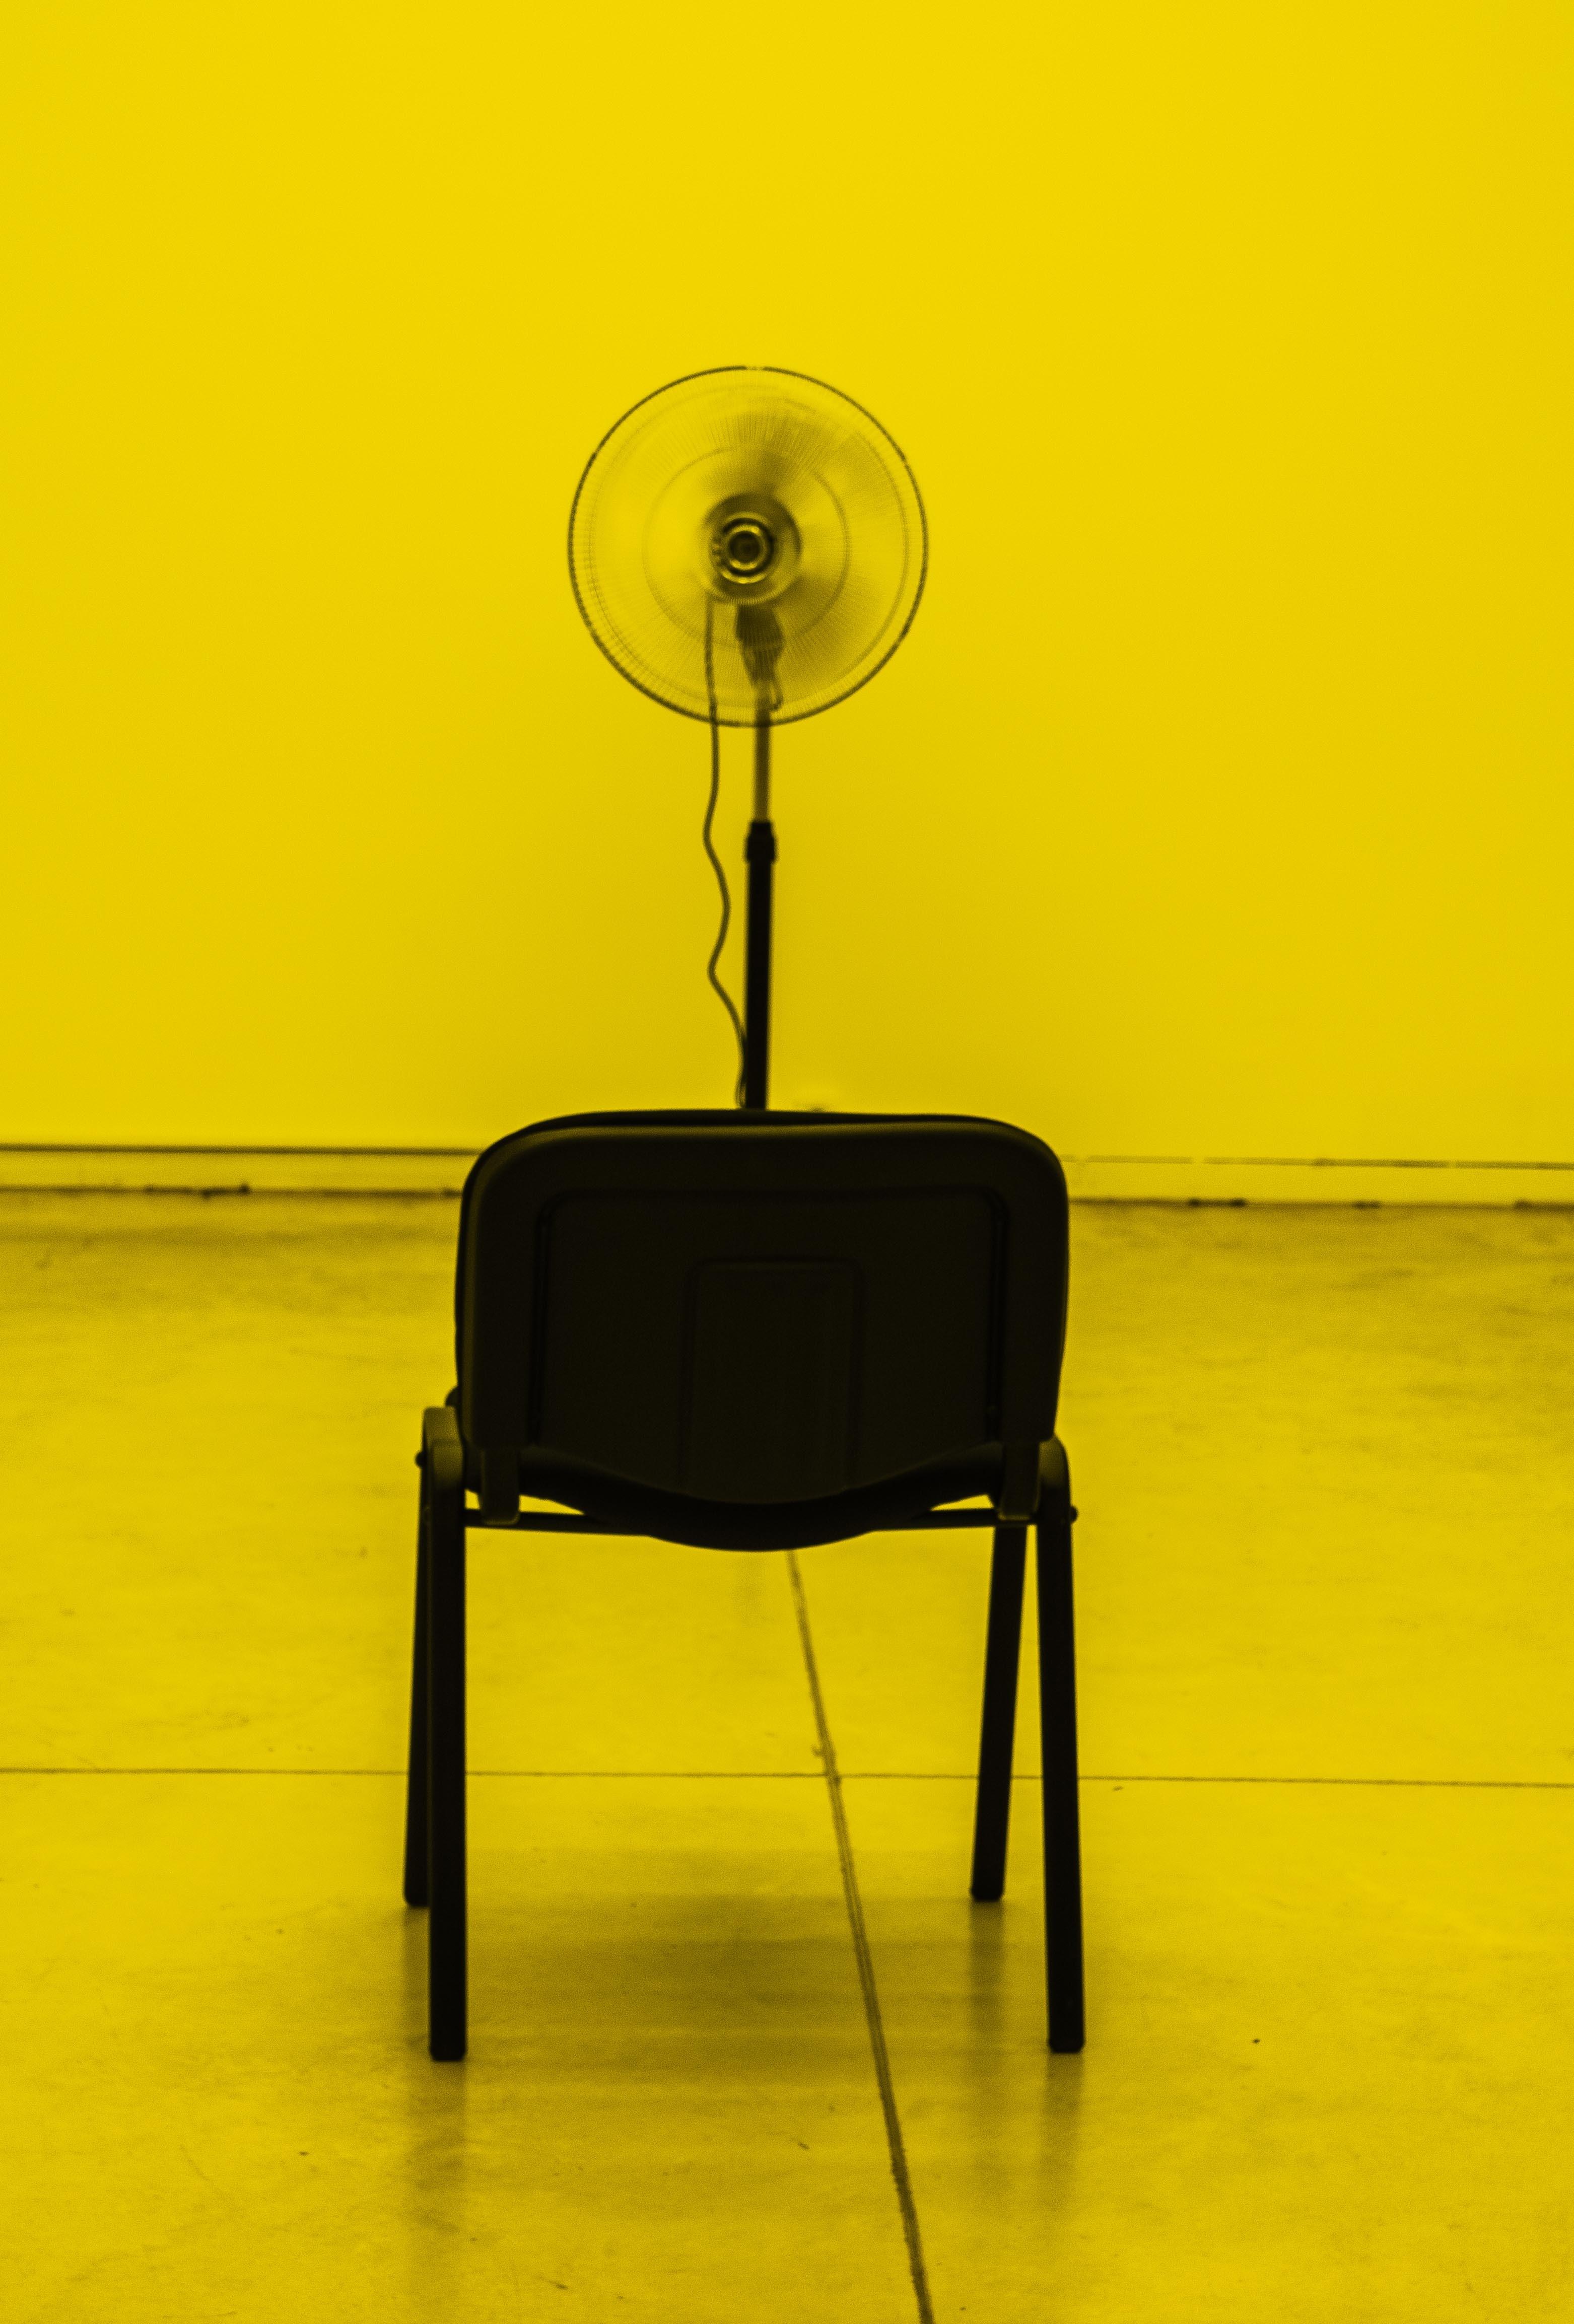 Ventilador de pedestal preto ligado voltado para cadeira personalizada